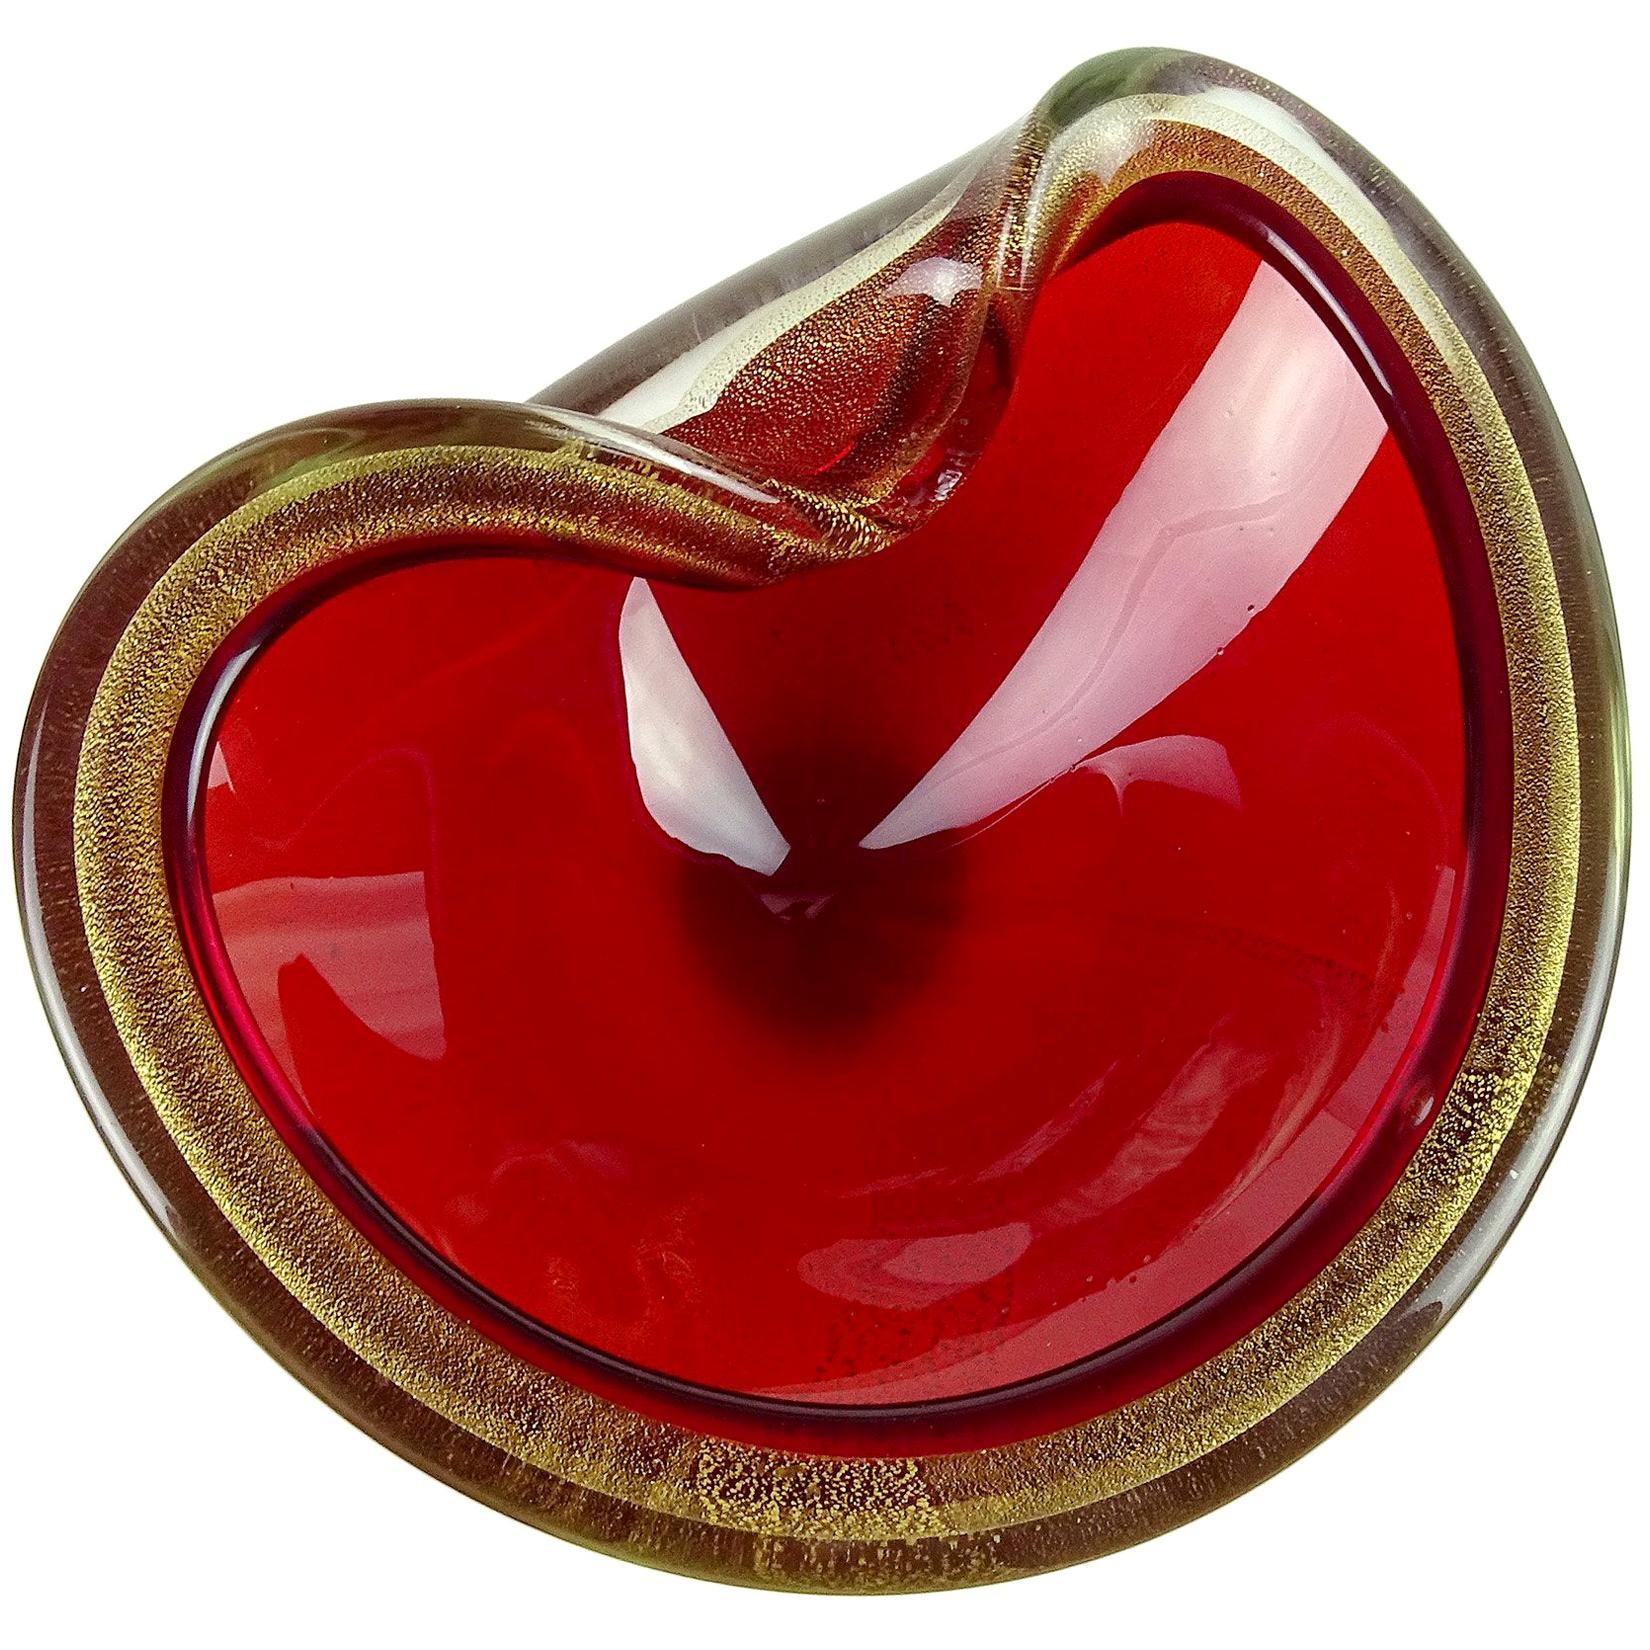 Seguso Murano Bright Red and Gold Flecks Italian Art Glass Decorative Bowl